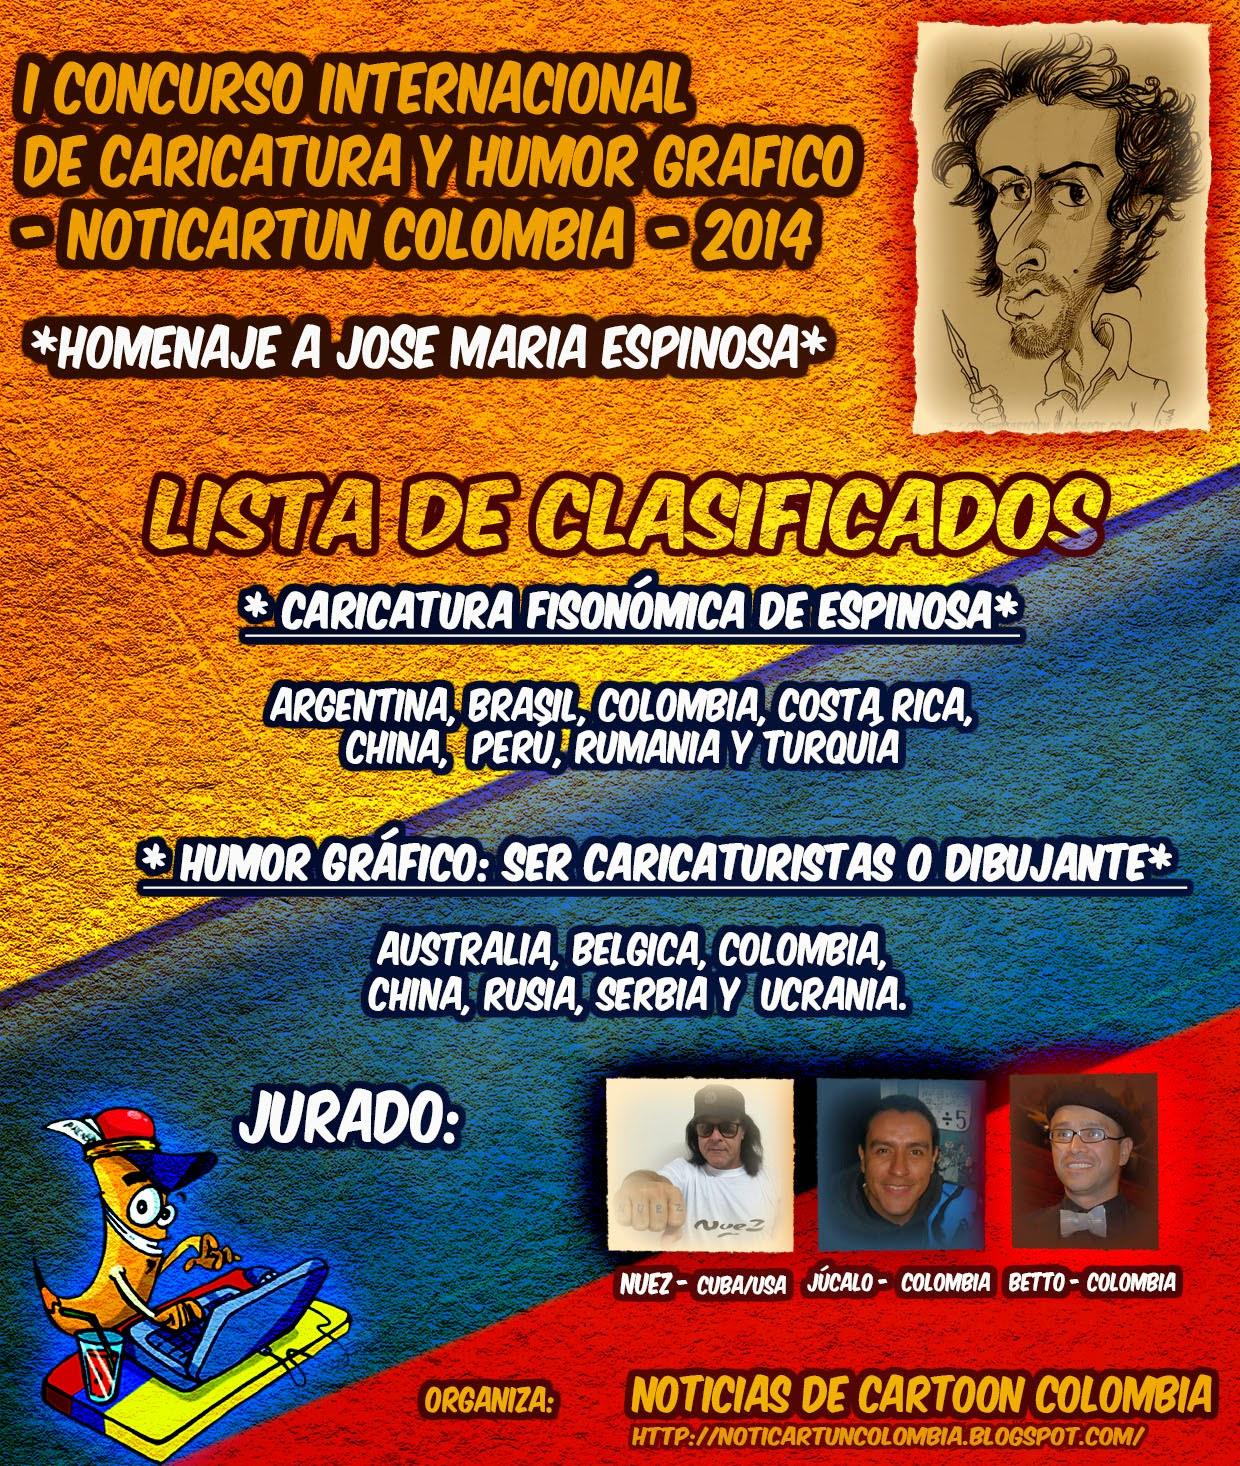 LISTA DE CLASIFICADOS PARA PREMIO